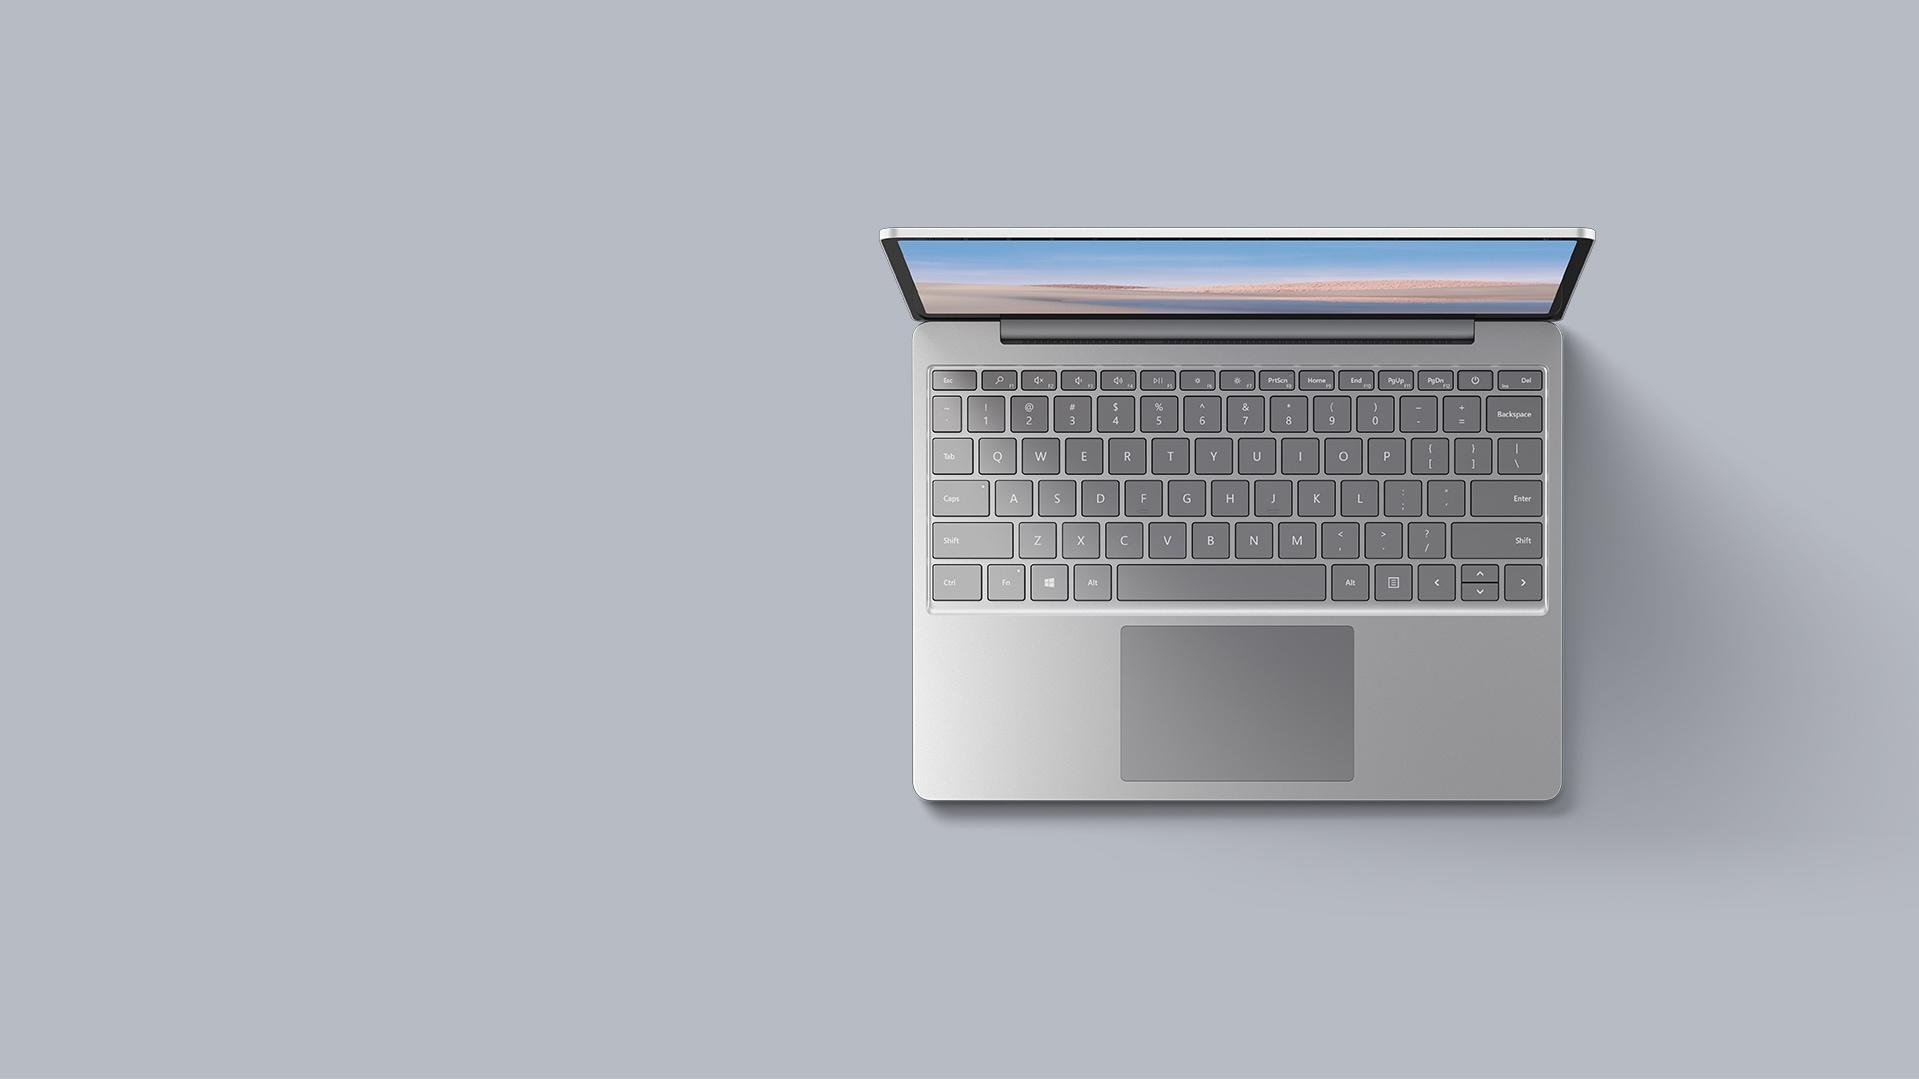 Eine Luftaufnahme des Surface Laptop Go in Platin vor einem passenden Hintergrund.